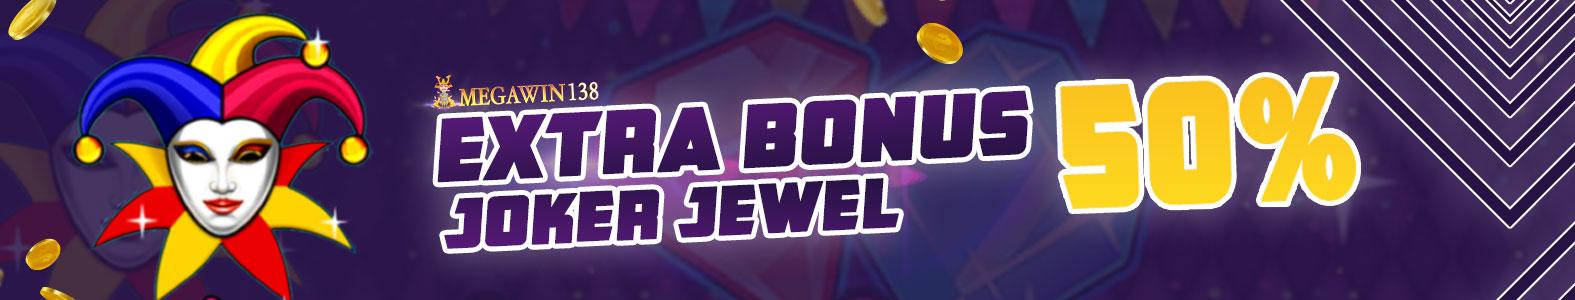 Joker Jewels Megawin138